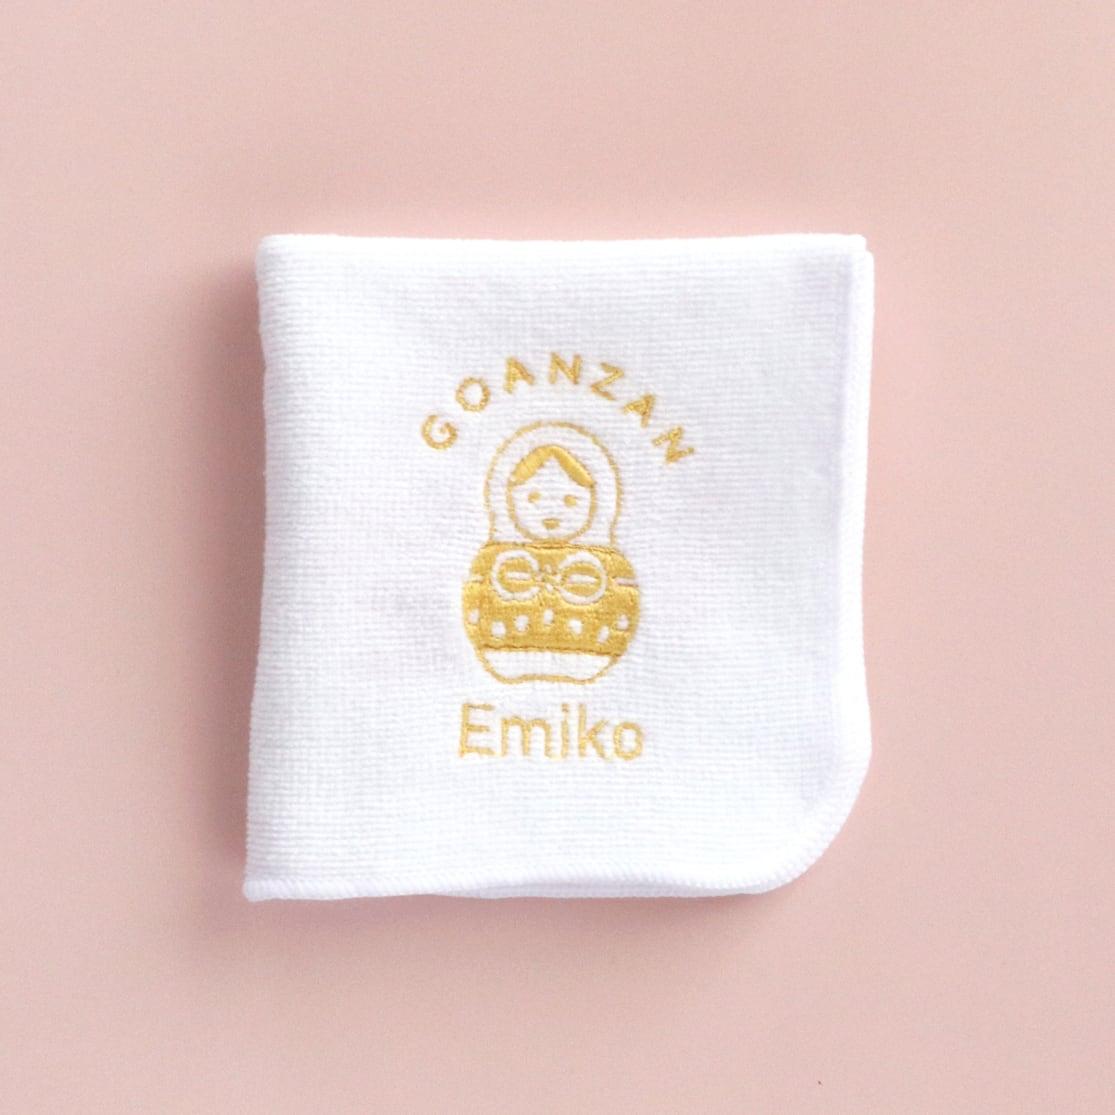 【名入れ】ご安産お守り刺繍ハンカチ /  安産祈願・ご懐妊祝い・出産祝い・内祝い・プチギフト